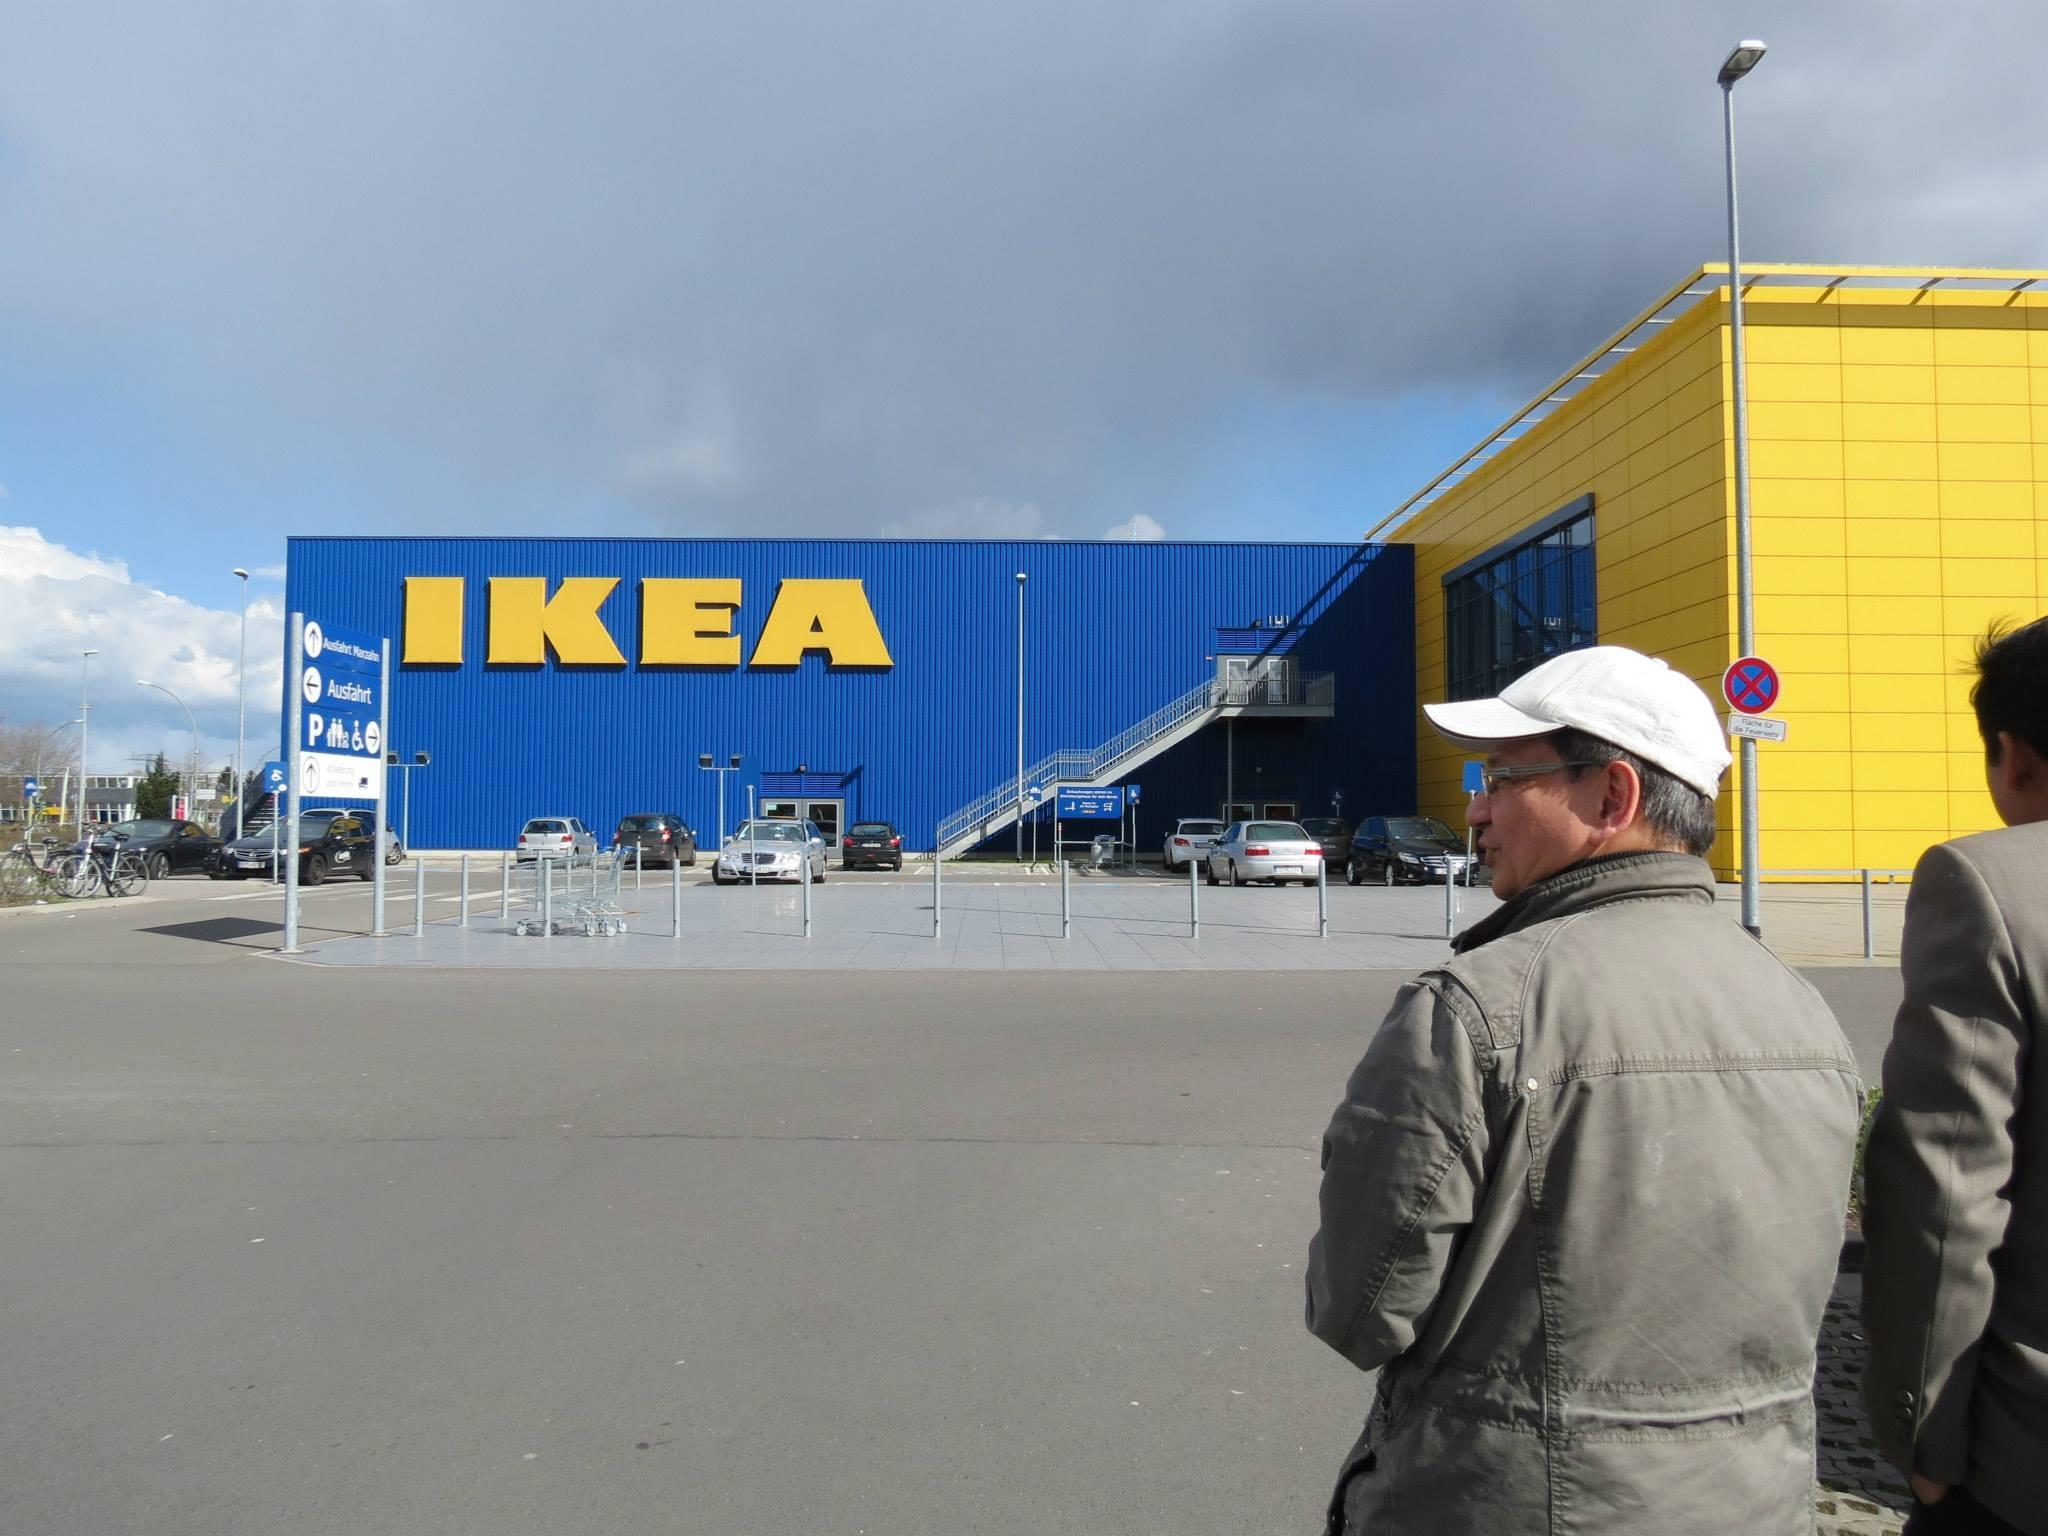 Chuyện xảy ra tại siêu thị IKEA